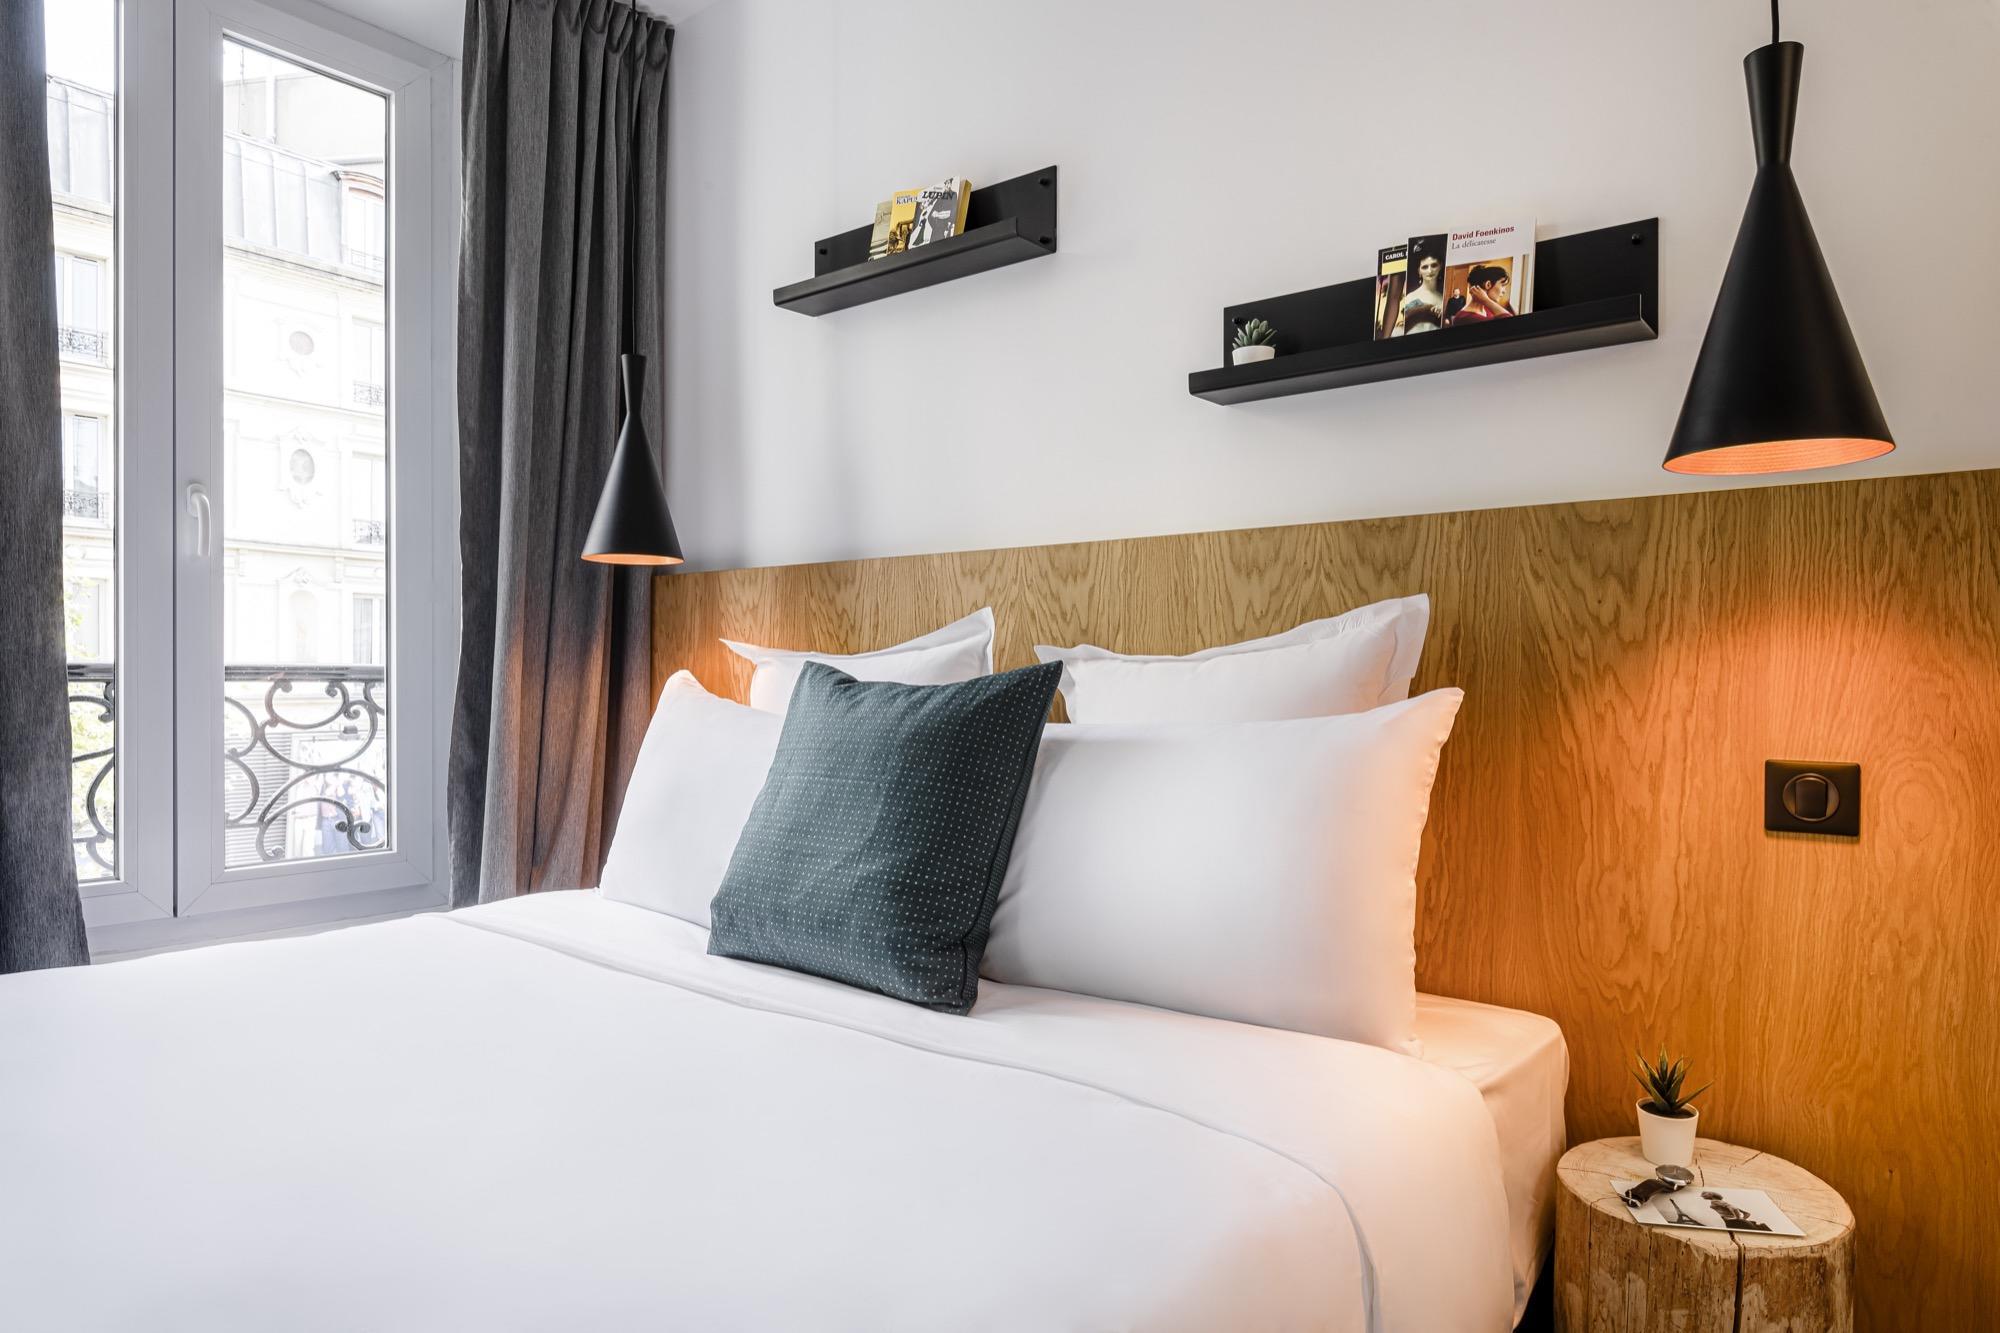 Chambre single - 9 hotel Bastille-Lyon 3 étoiles Paris 12